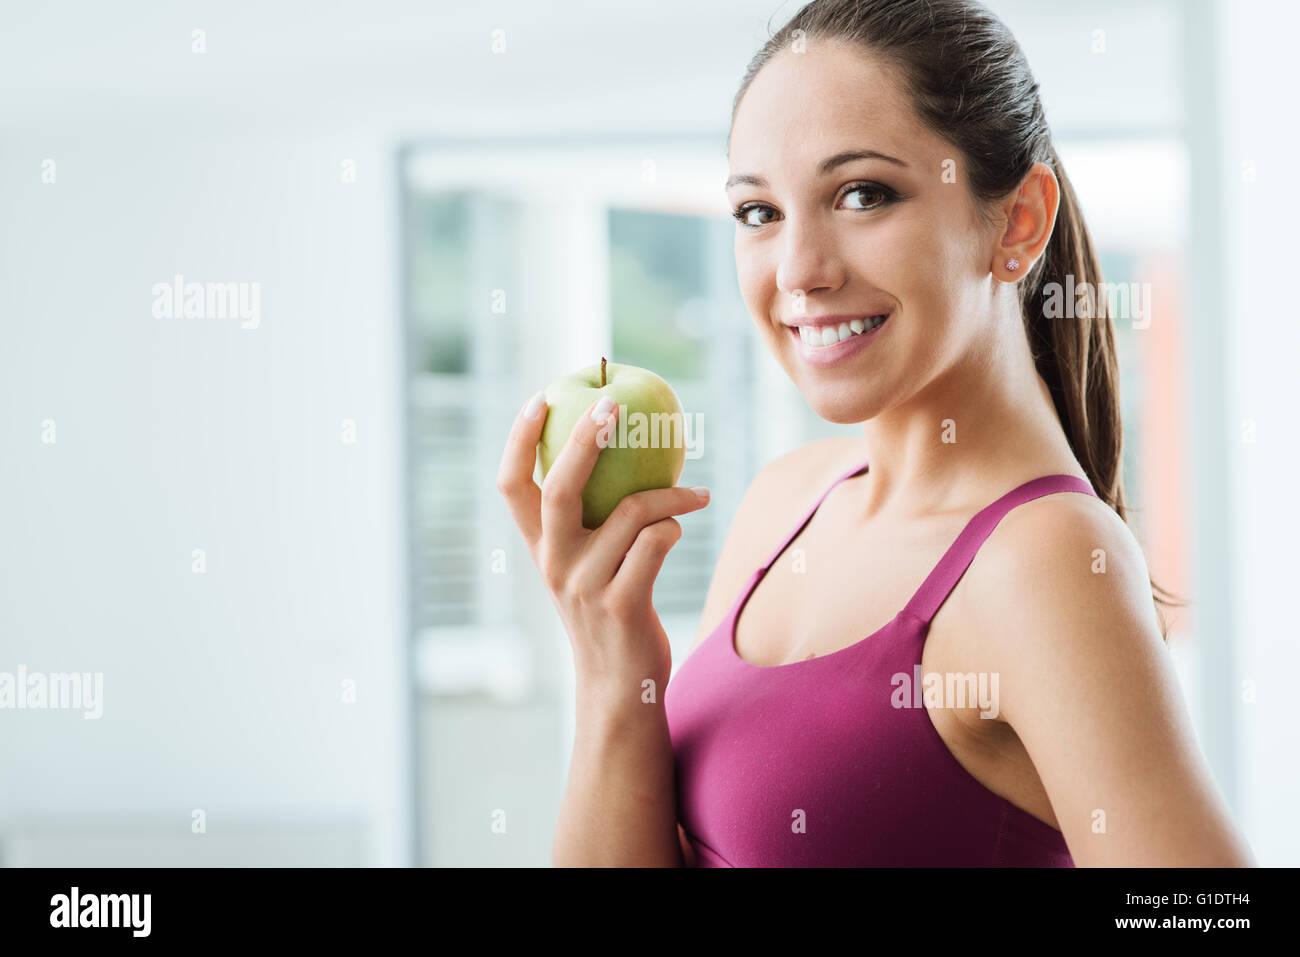 Slim joven mujer sosteniendo una manzana y sonriendo ante la cámara, la alimentación saludable y la pérdida Imagen De Stock